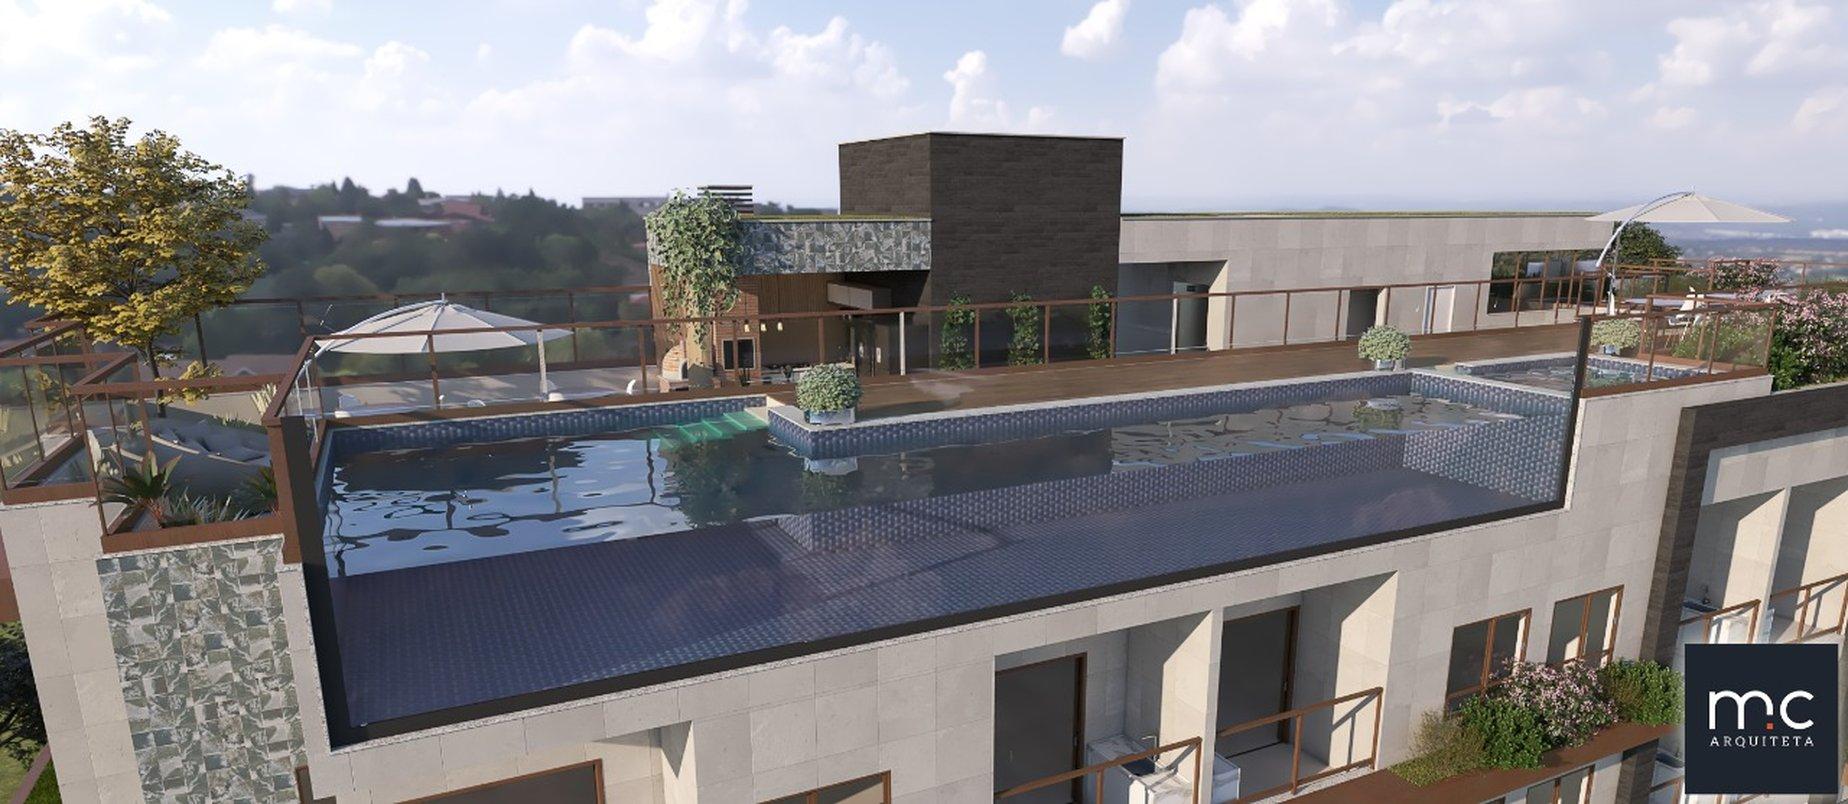 Fachada piscina Rooftop